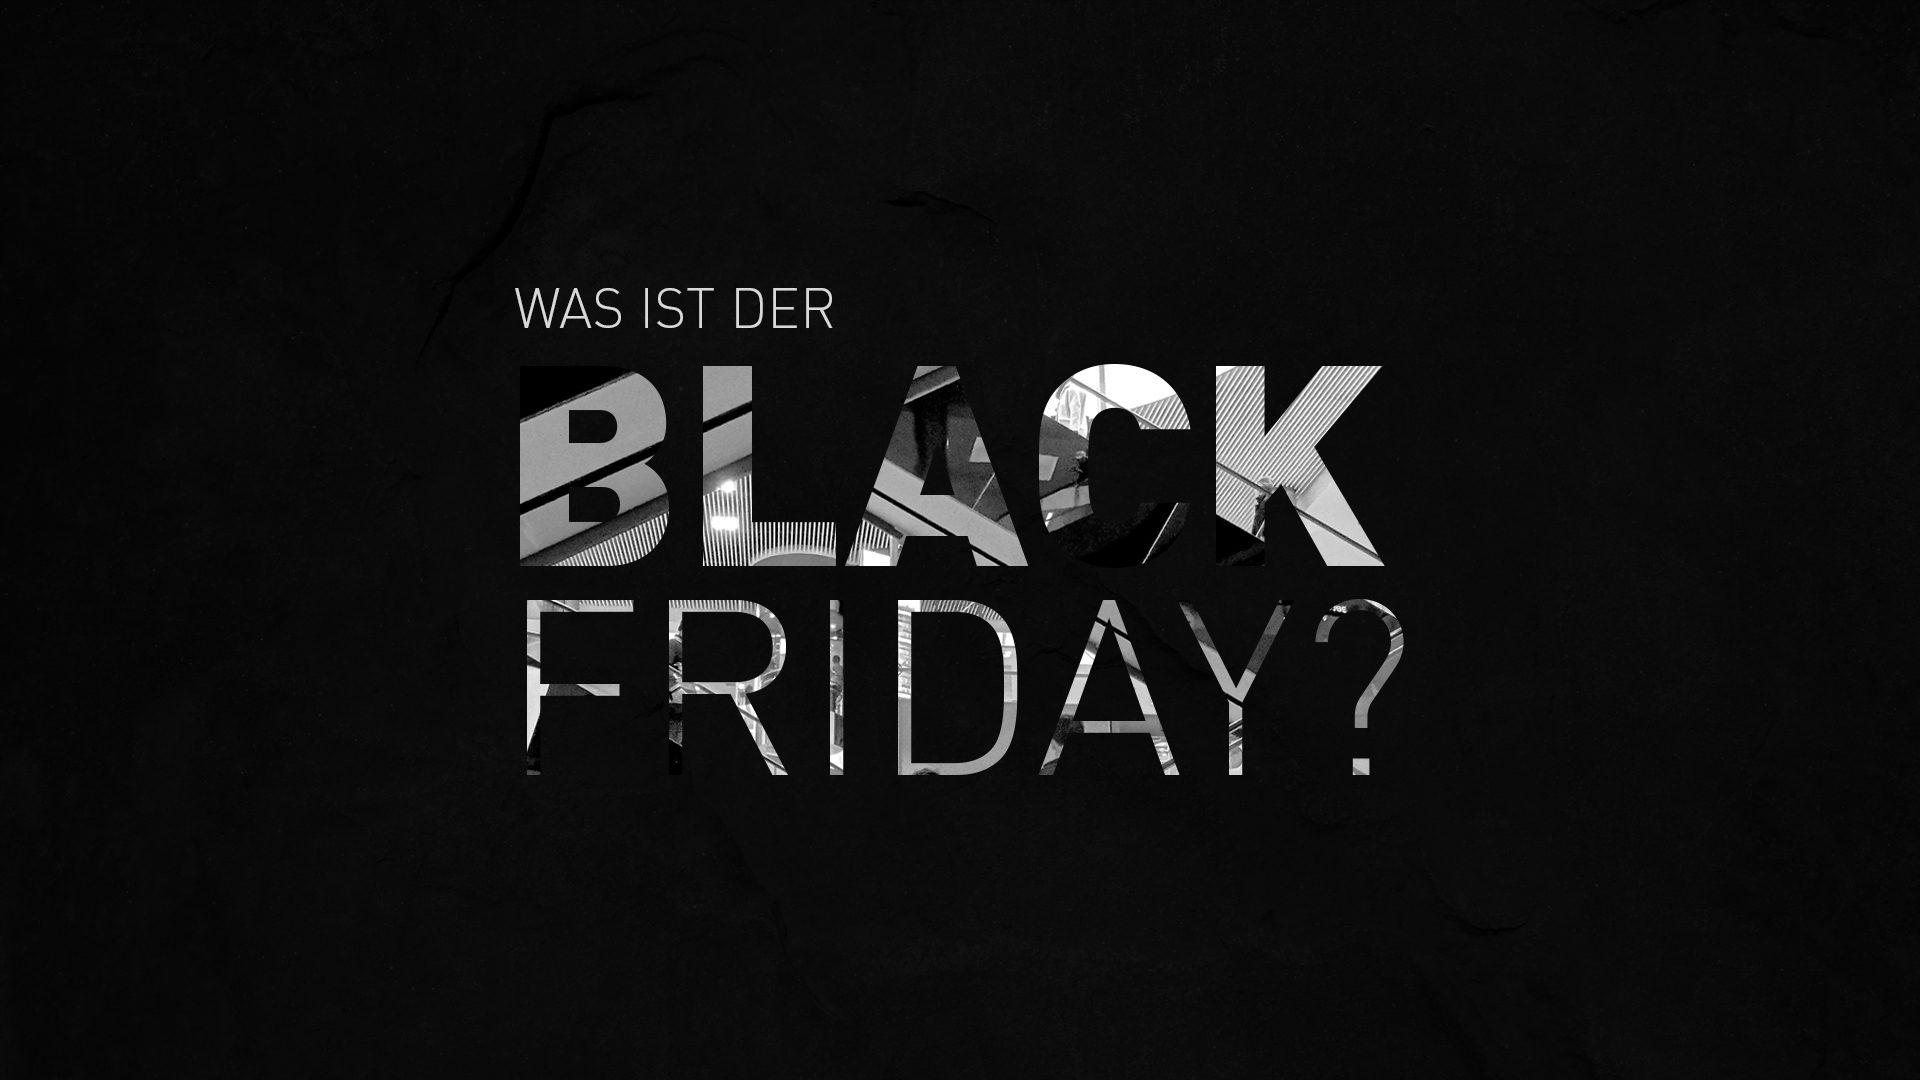 Was ist der Black Friday?